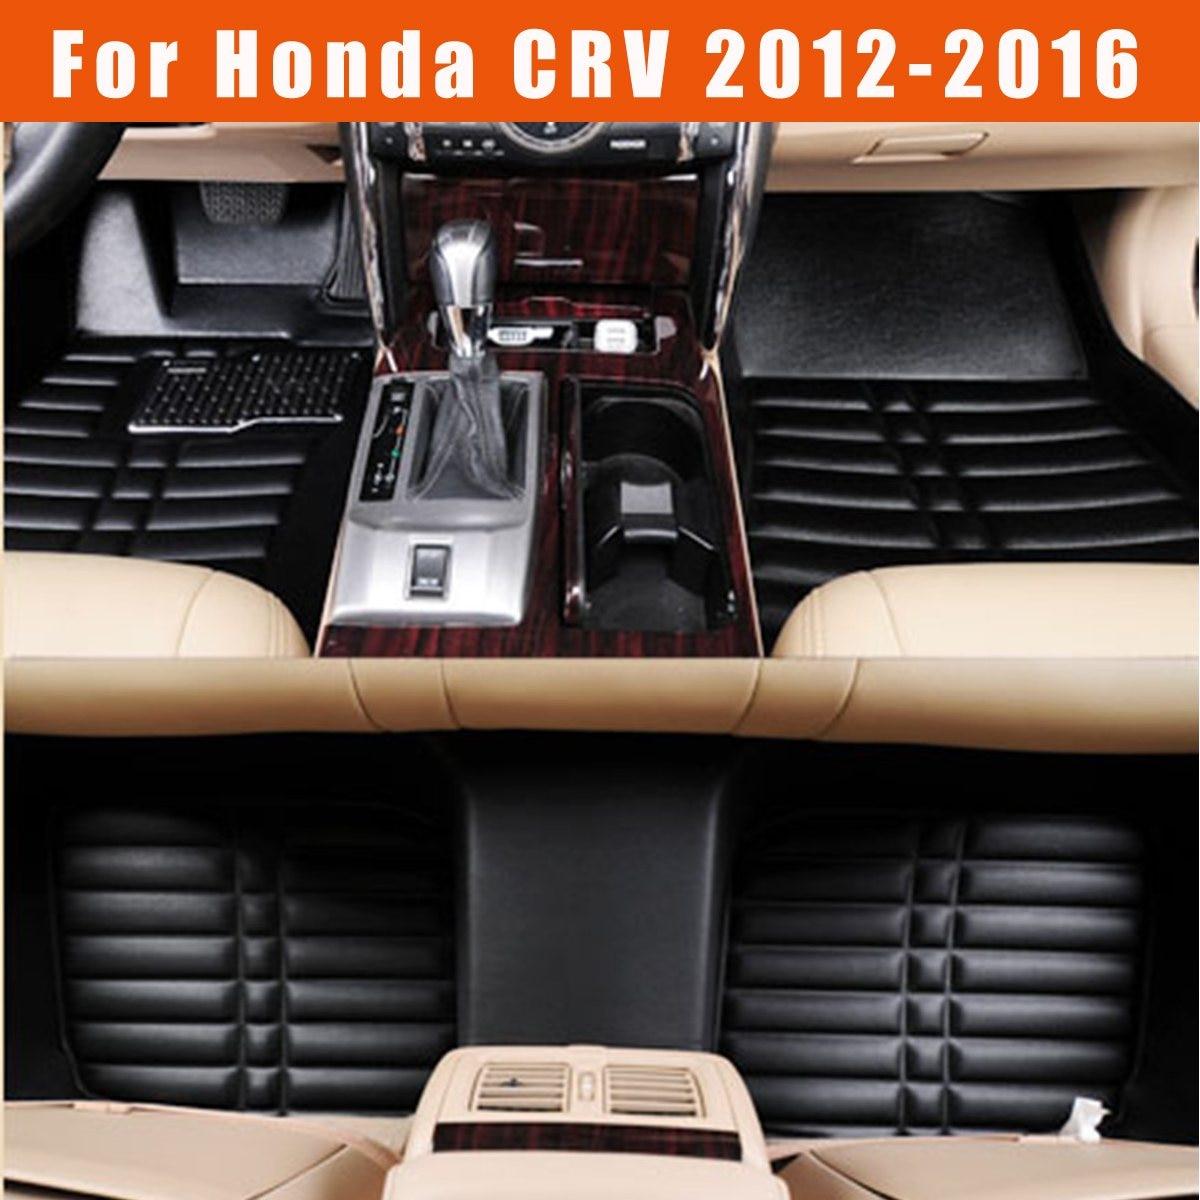 Tapis de sol de voiture avant et arrière tapis de revêtement en cuir PU pour Honda CRV 2012-2016 ajustement siège conducteur et passager